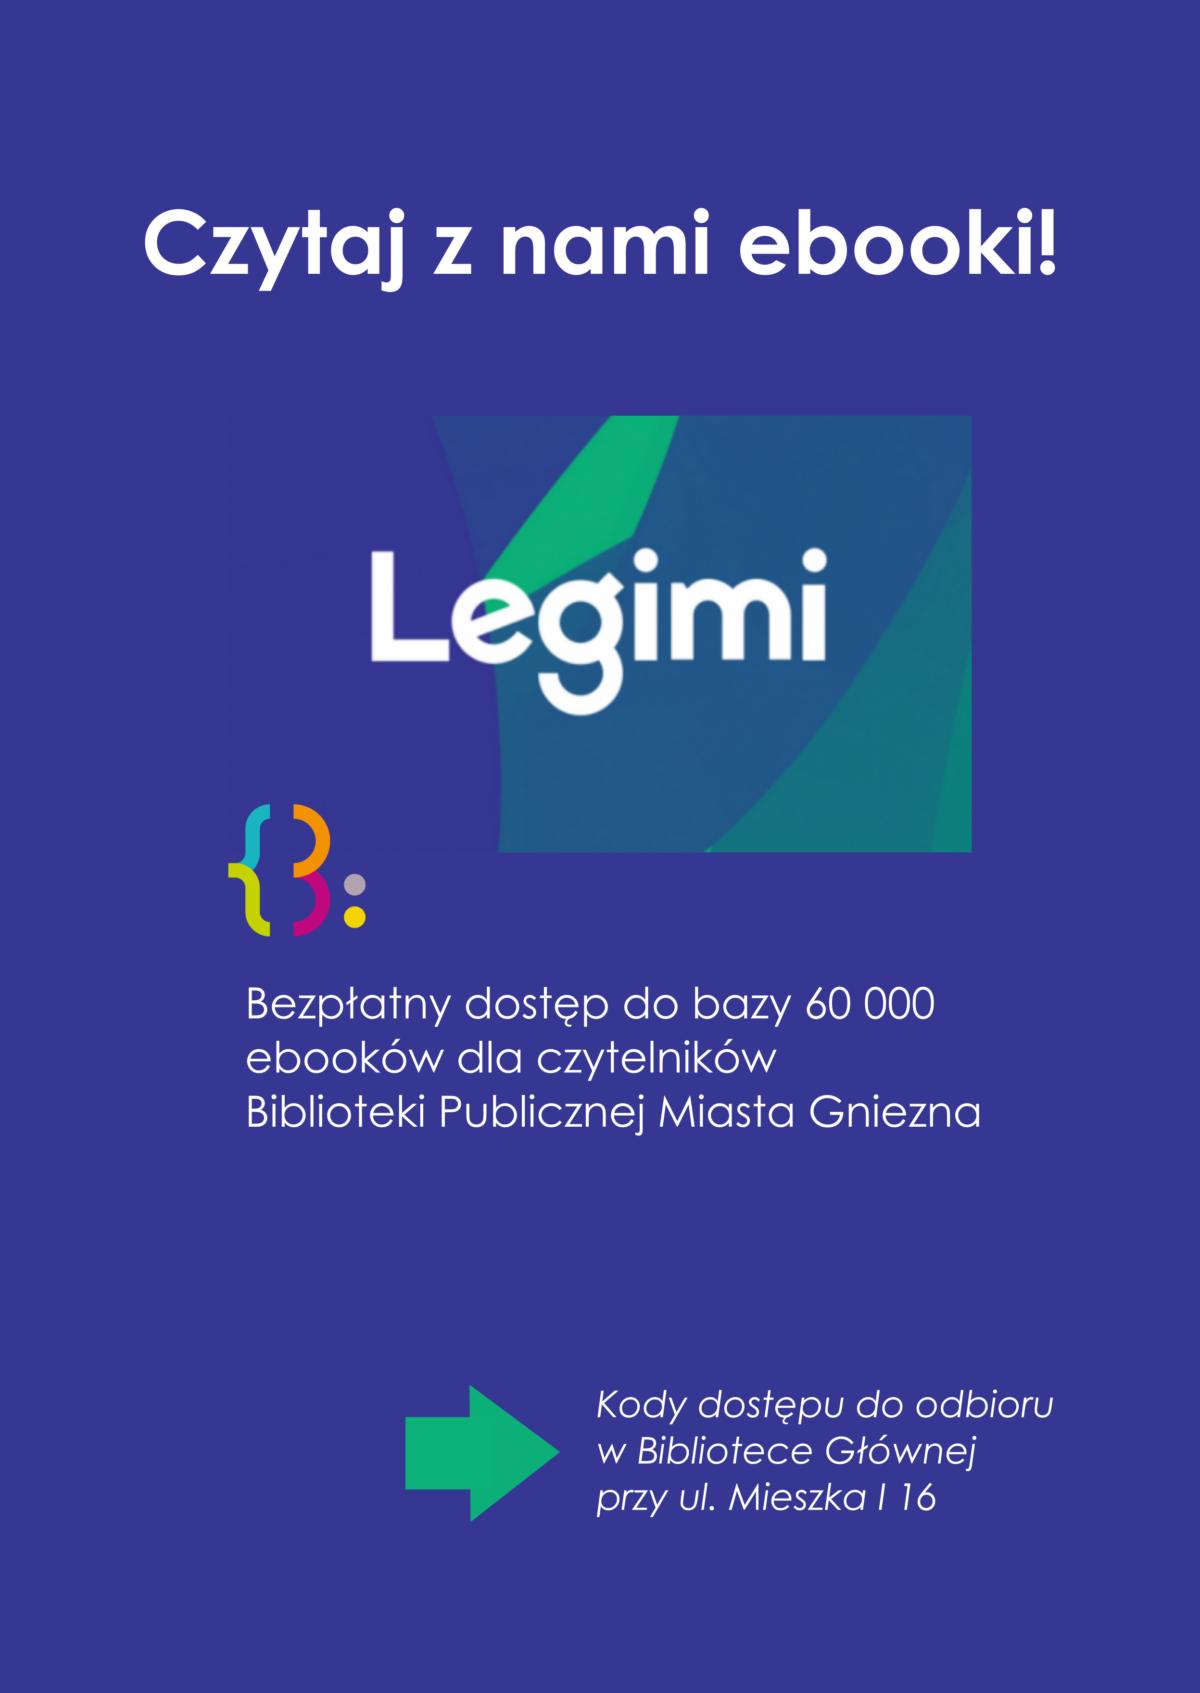 Czytaj ebooki z Biblioteką Publiczną Miasta Gniezna i Legimi